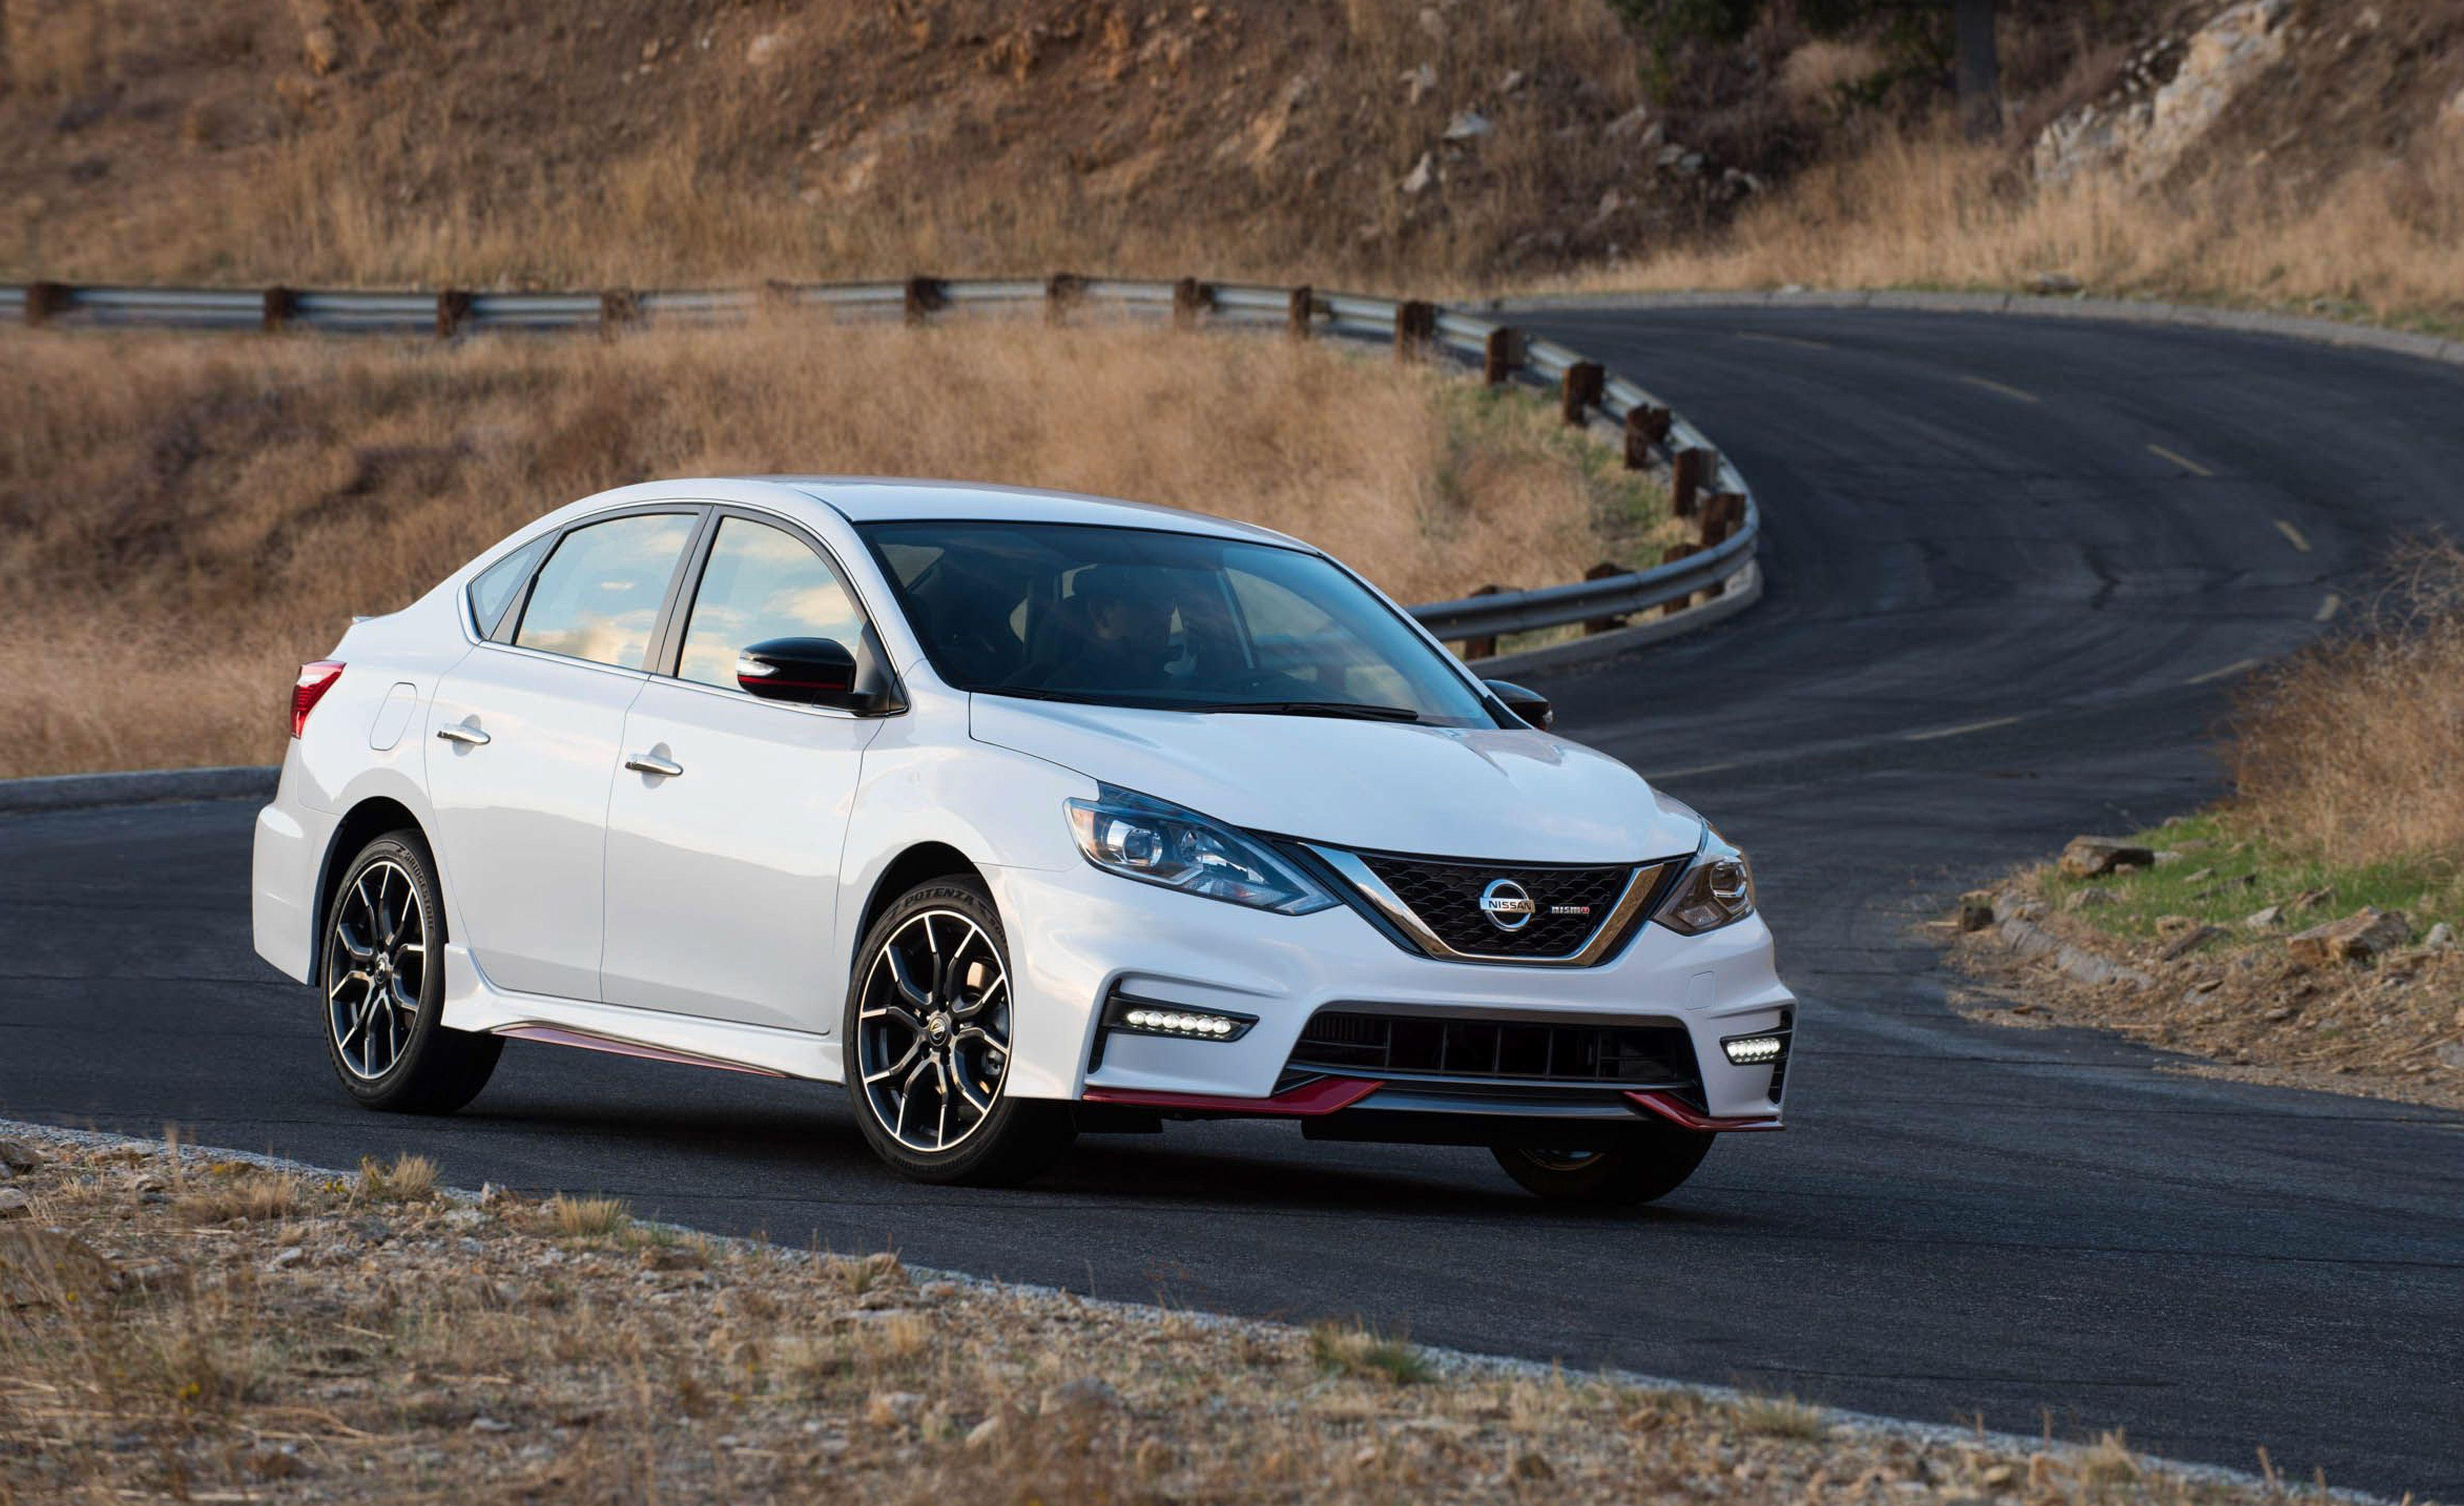 2019 Nissan Sentra Nismo Reviews Price Photos And Specs Car Driver